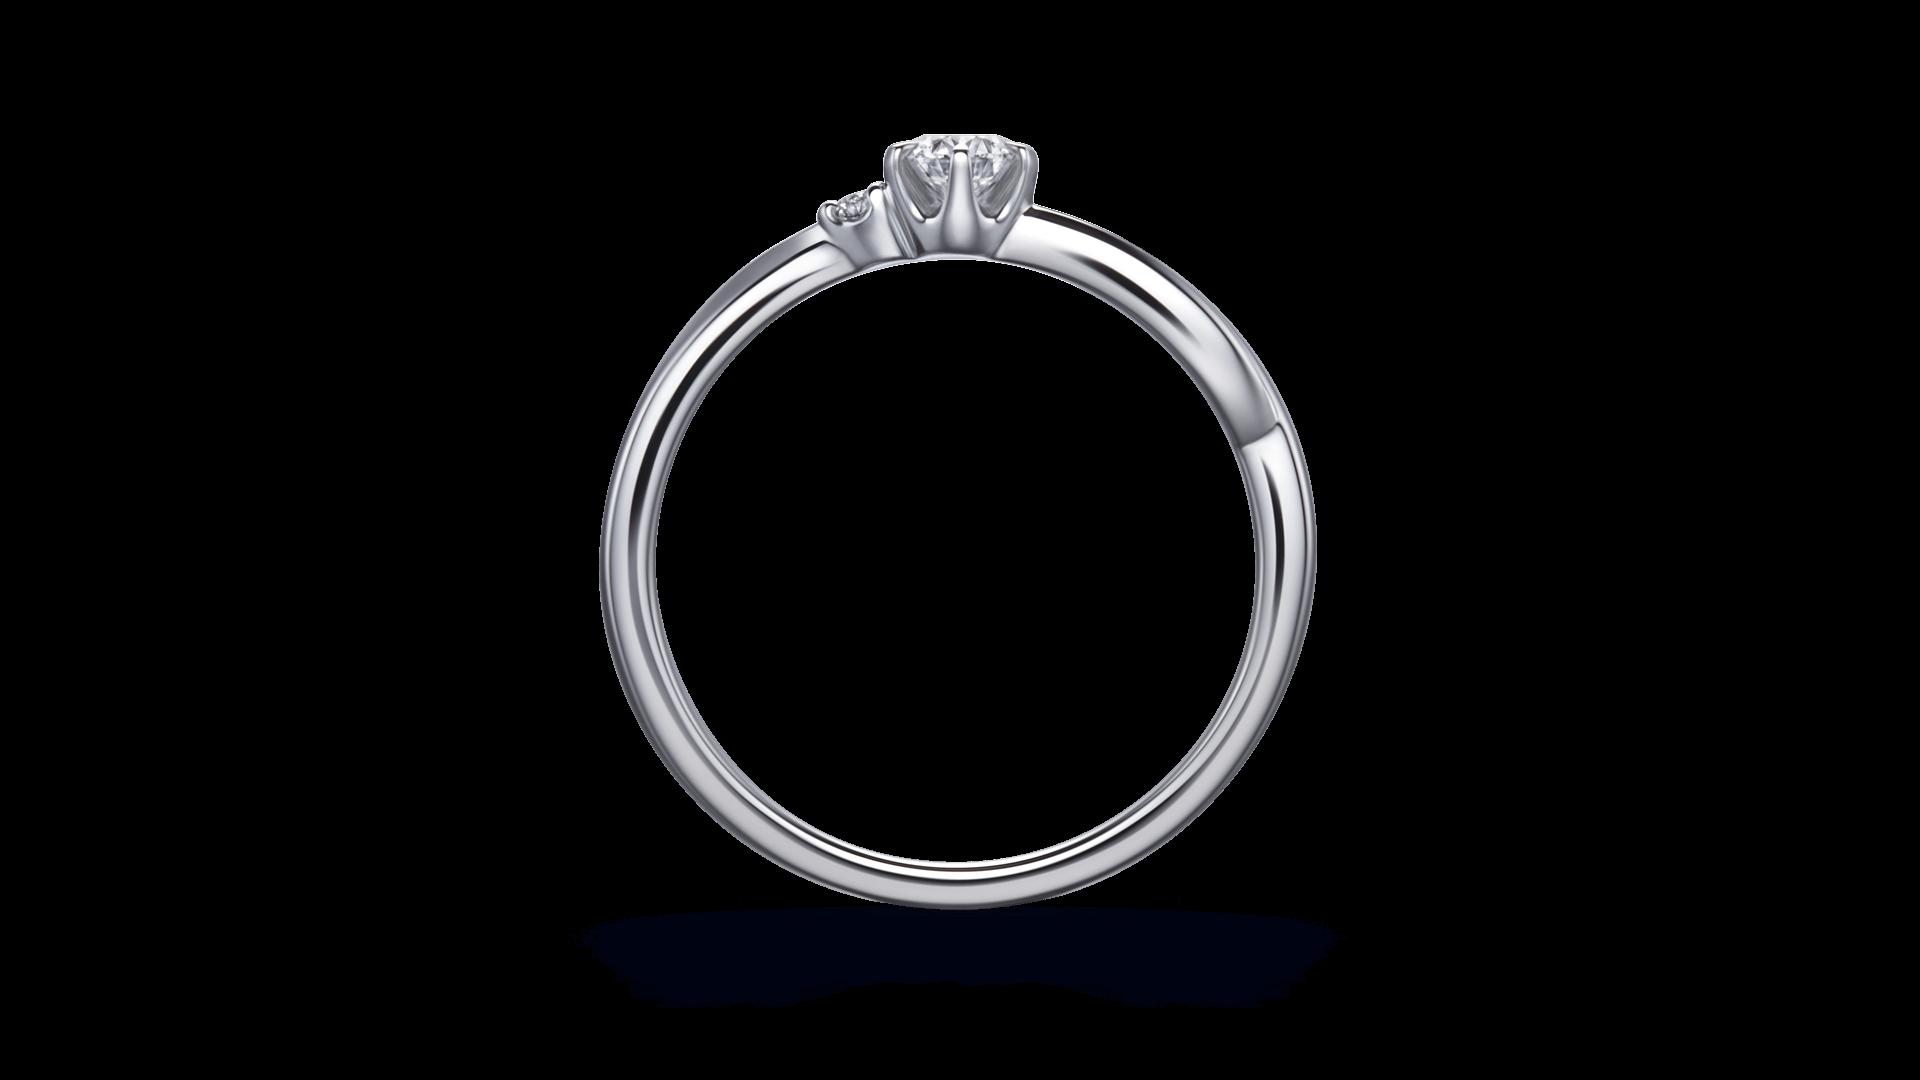 campanula カンパニュラ | 婚約指輪サムネイル 2